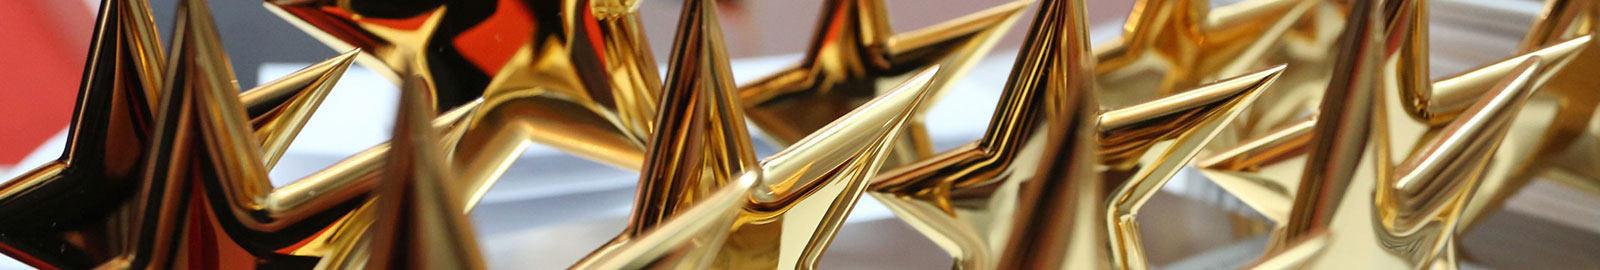 """Preisverleihung """"Sterne des Sports"""" in Gold 2017"""